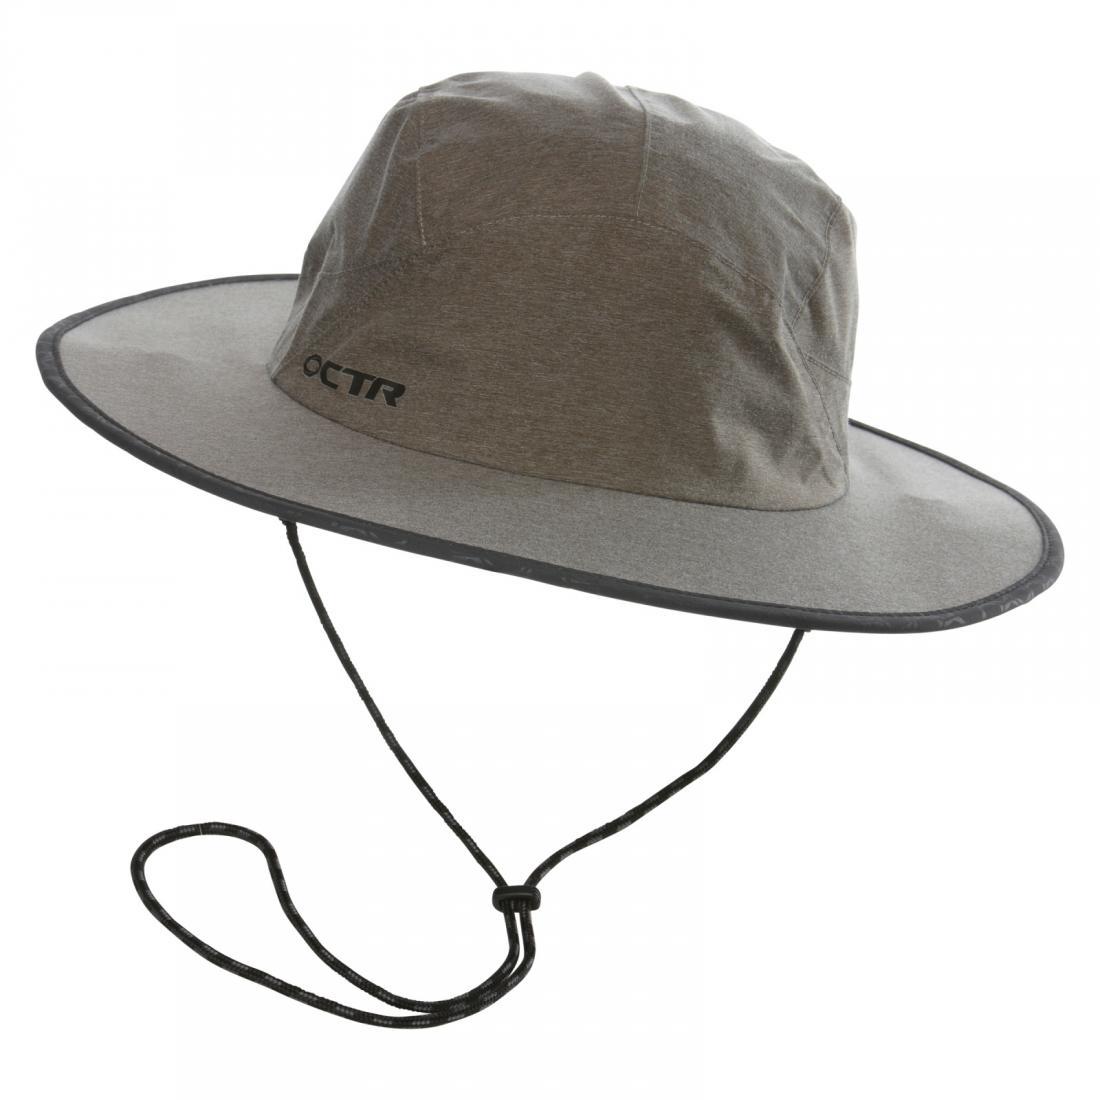 Панама Chaos  Stratus Magneto Rain HatПанамы<br><br> Стильная панама Stratus Magneto Rain Hat от Chaos — универсальный и практичный вариант для любой погоды. Она защитит вас не только от ярких солнечных лучей, но и от дождя. Эта модель выполнена из мягкой и прочной ткани, устойчивой к износу и выцвет...<br><br>Цвет: Коричневый<br>Размер: S-M